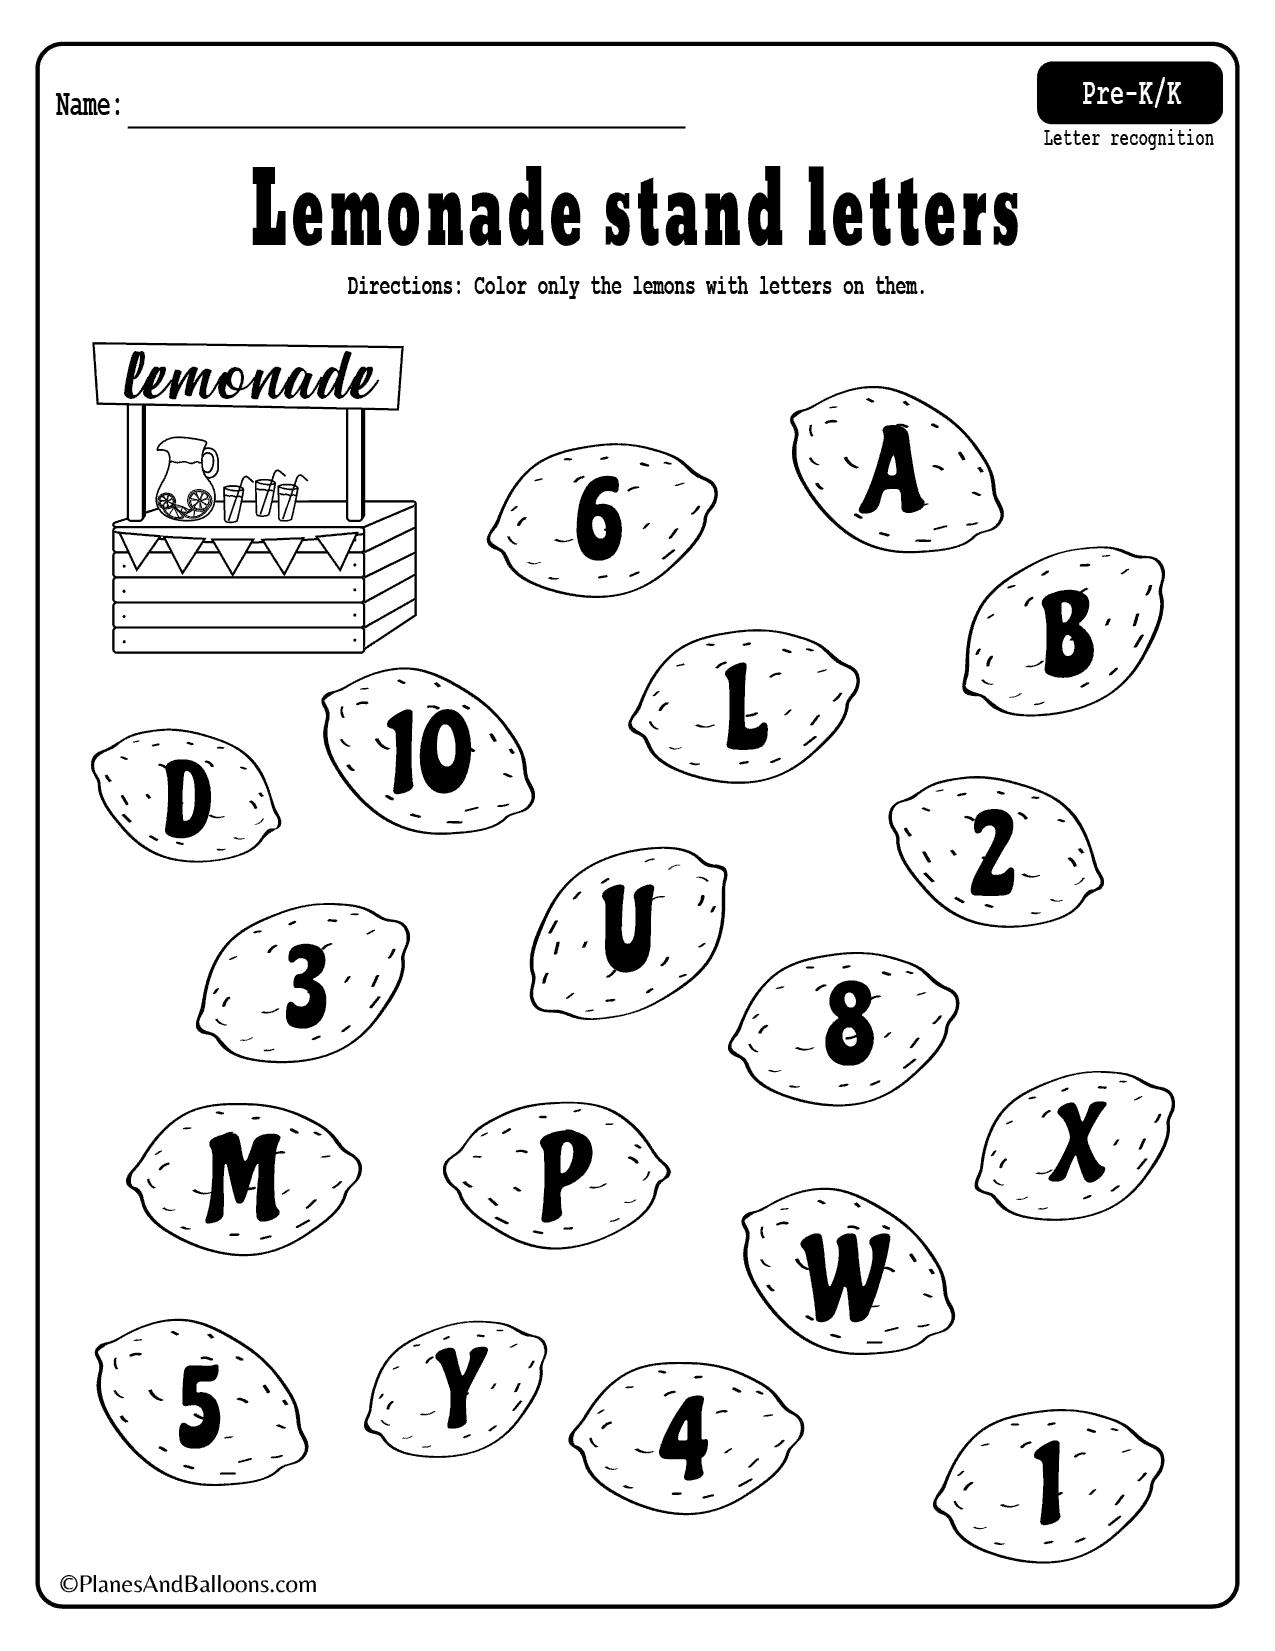 Pre K Alphabet Recognition Worksheets